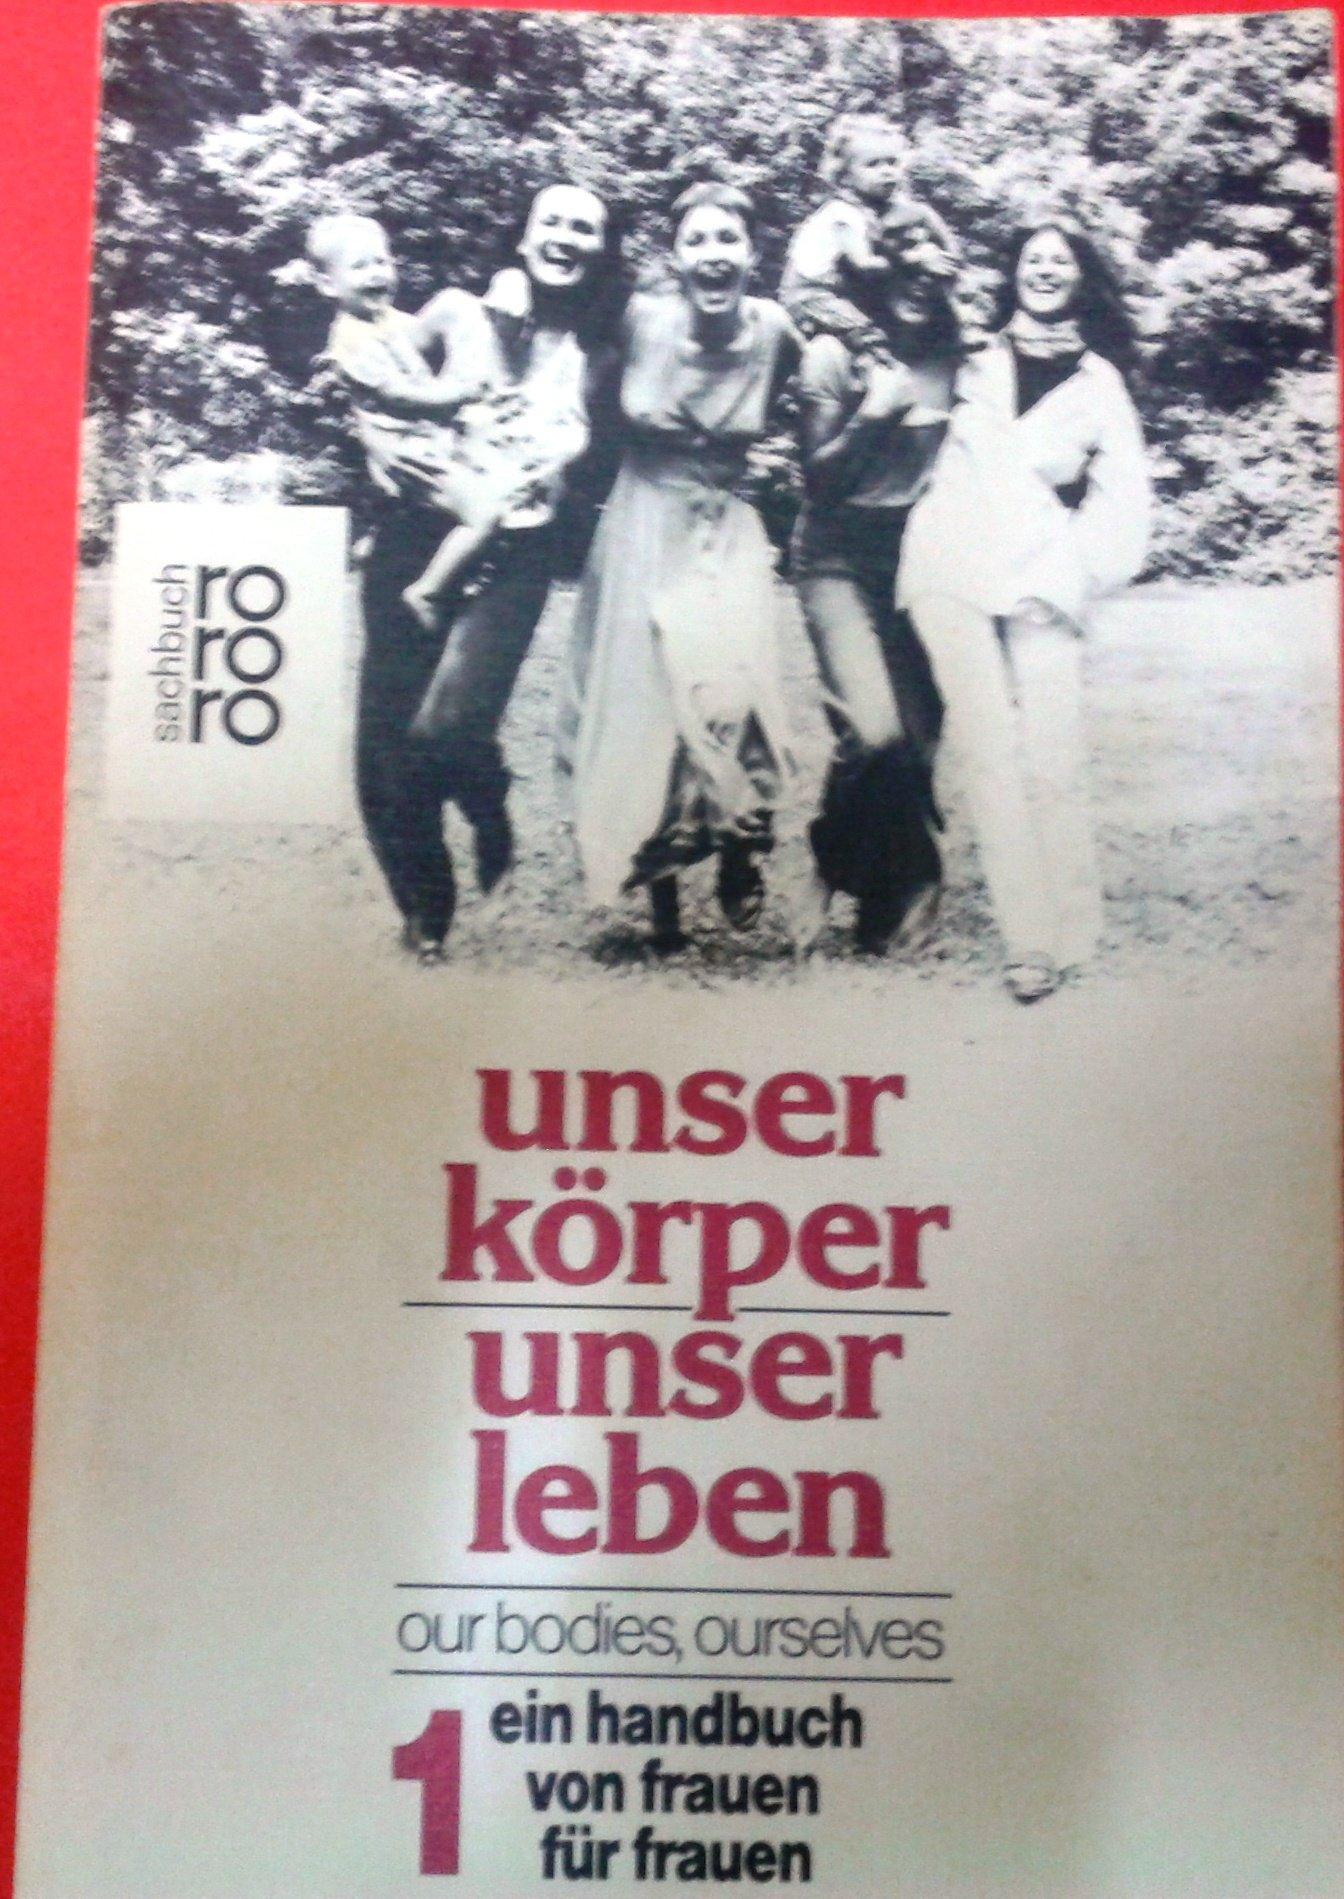 Unser Körper, unser Leben I (5381 967). Ein Handbuch von Frauen für Frauen.